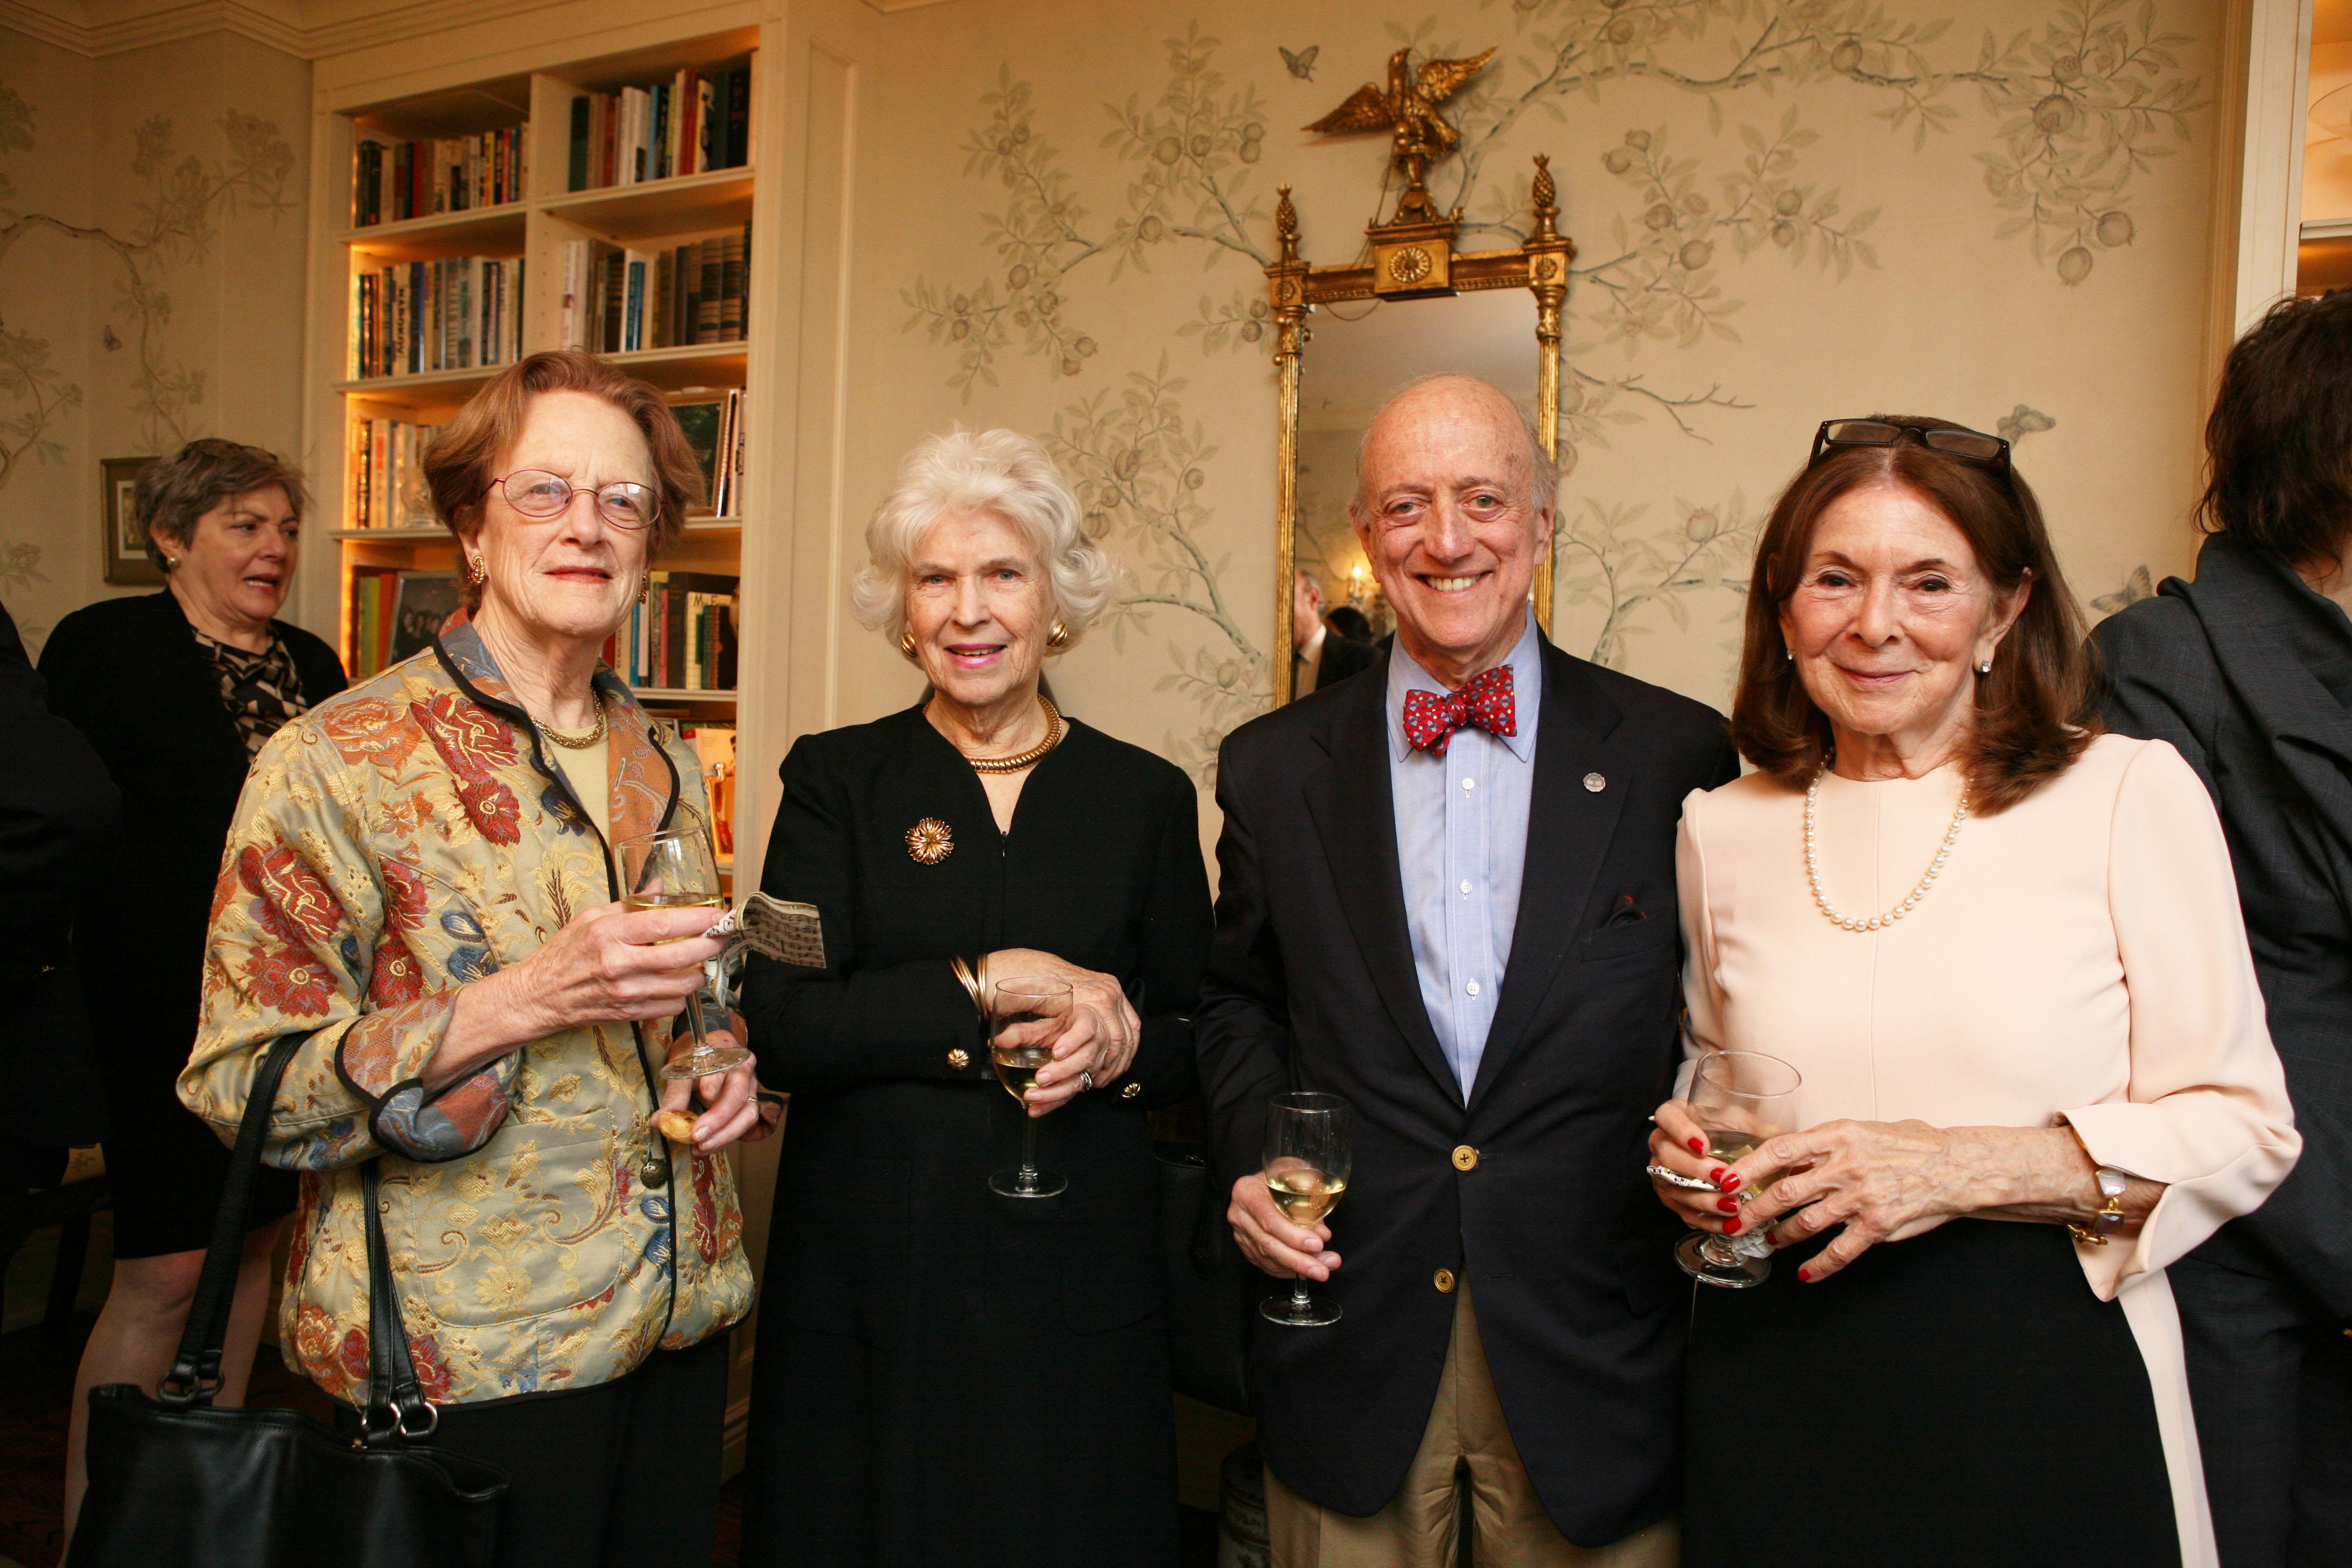 Elizabeth Flinn, Lynden Miller, Earl Weiner, Priscilla Kauff